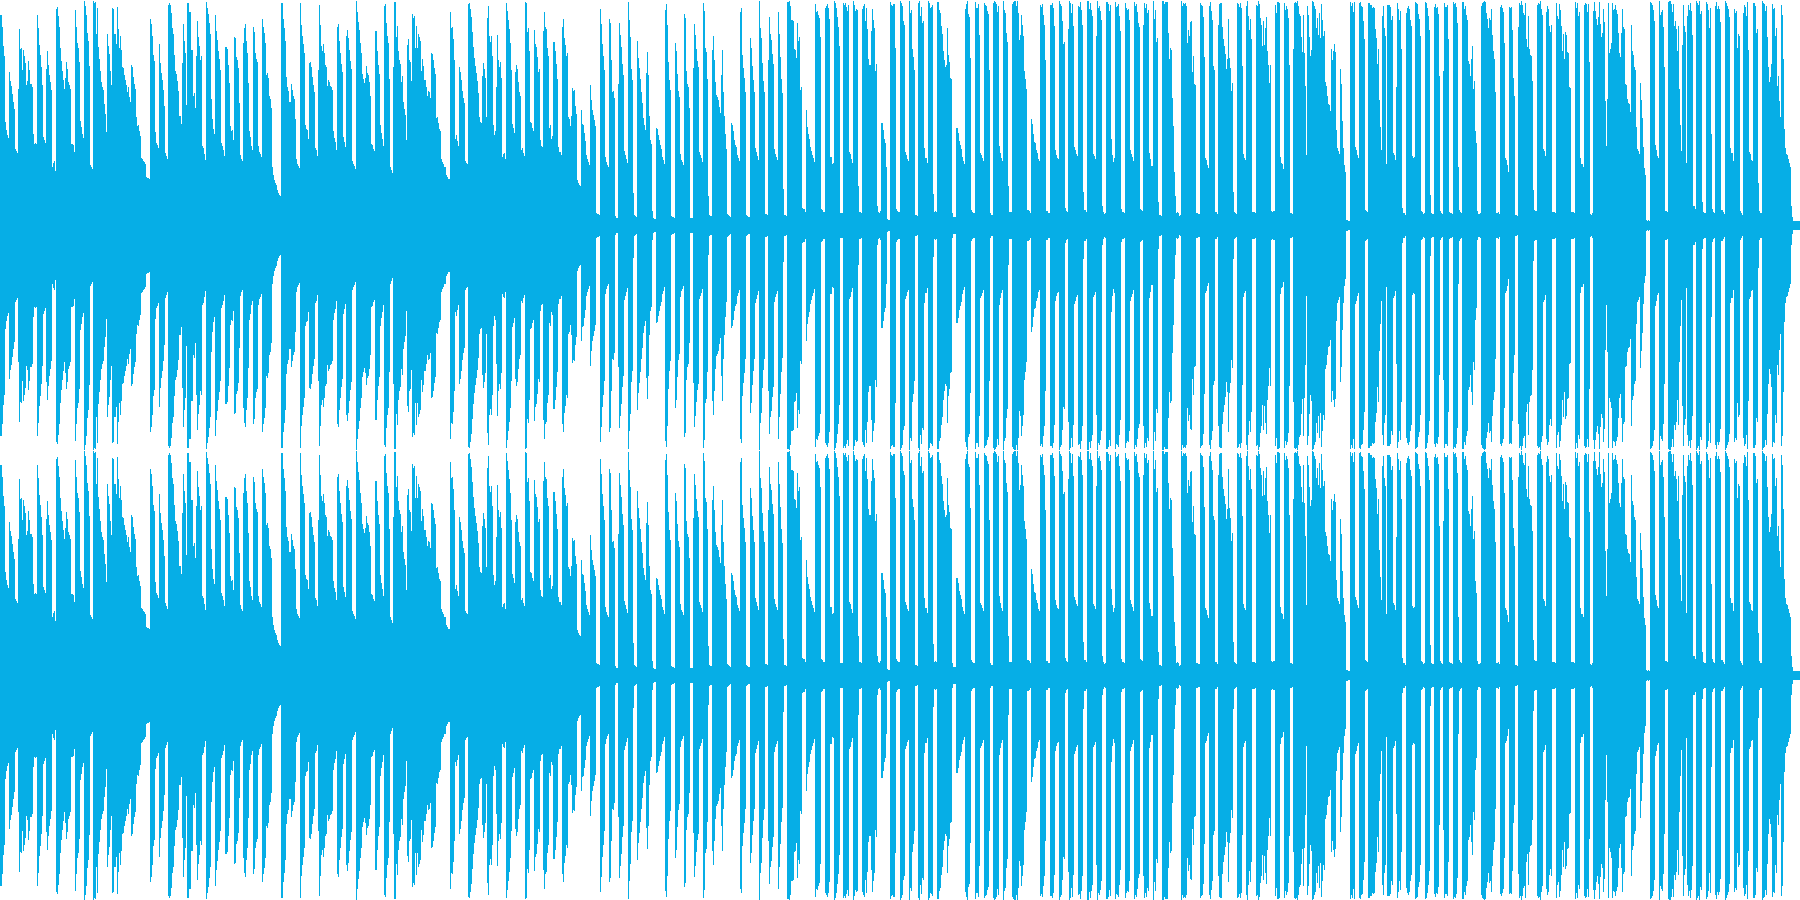 ジングルベル(ピコピコ3音アレンジ)の再生済みの波形